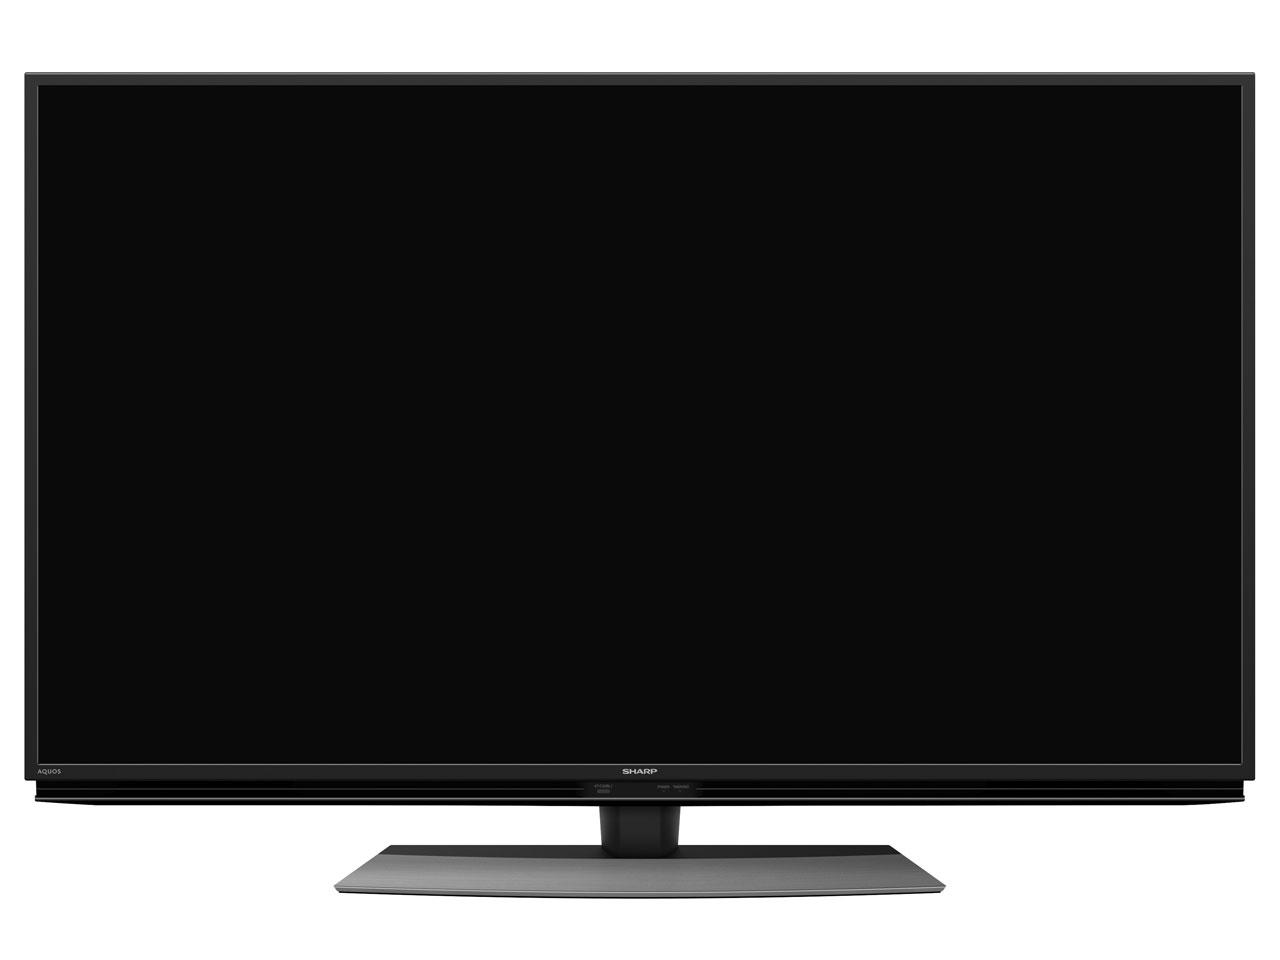 シャープ AQUOS 50V型地上・BS・110度CSデジタル4Kチューナー内蔵 LED液晶テレビ4T-C50BL1